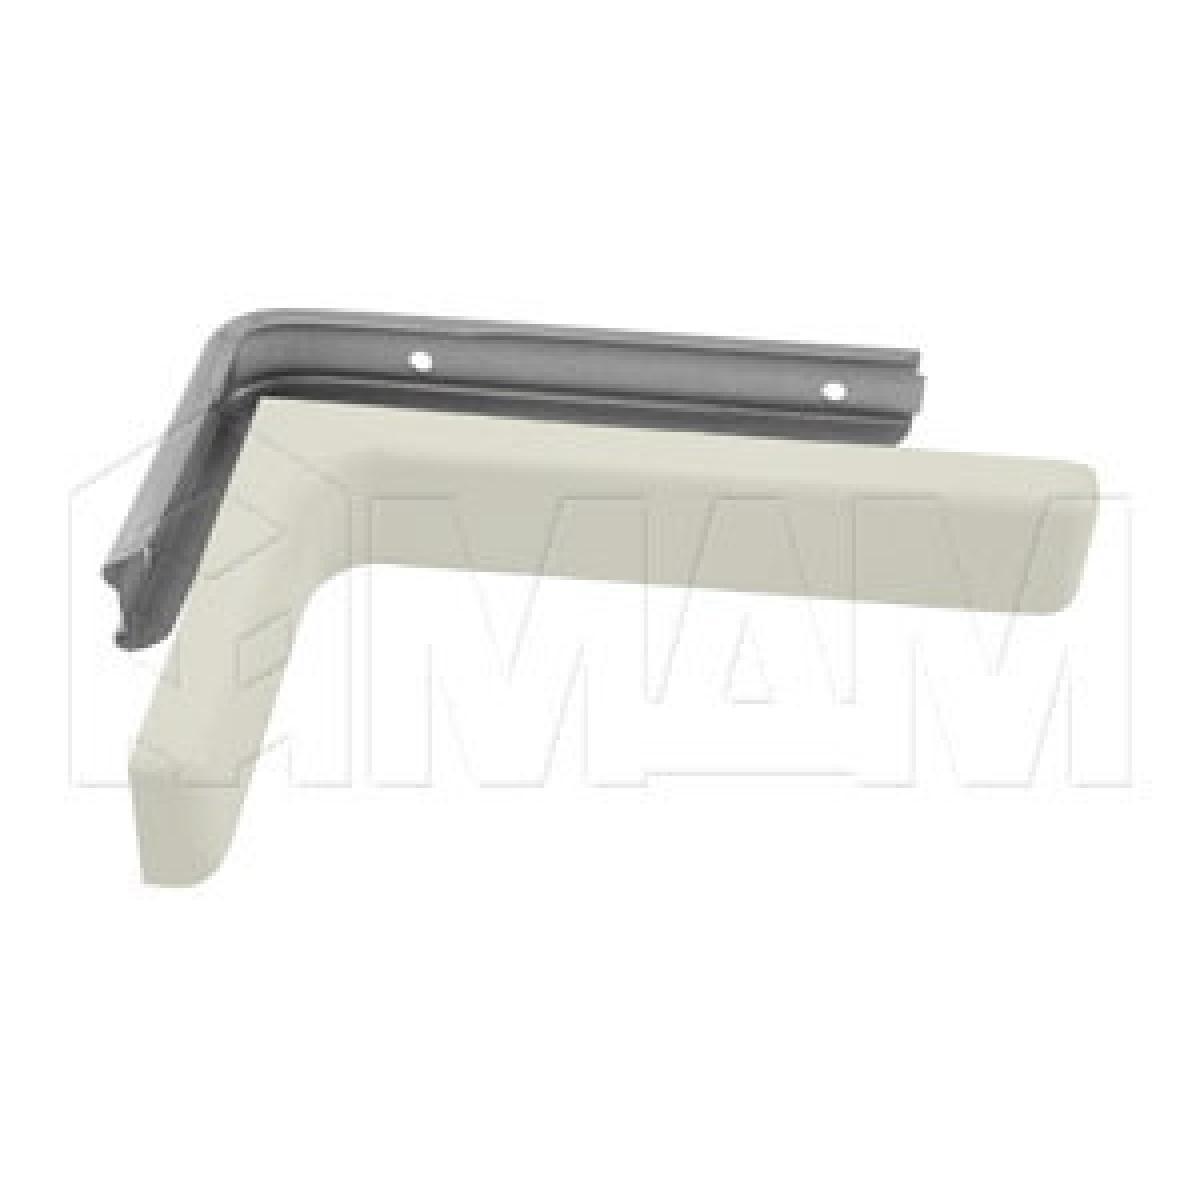 CORNER Менсолодержатель для деревянных полок с декоративной накладкой L-240 мм, белый (2 шт.)